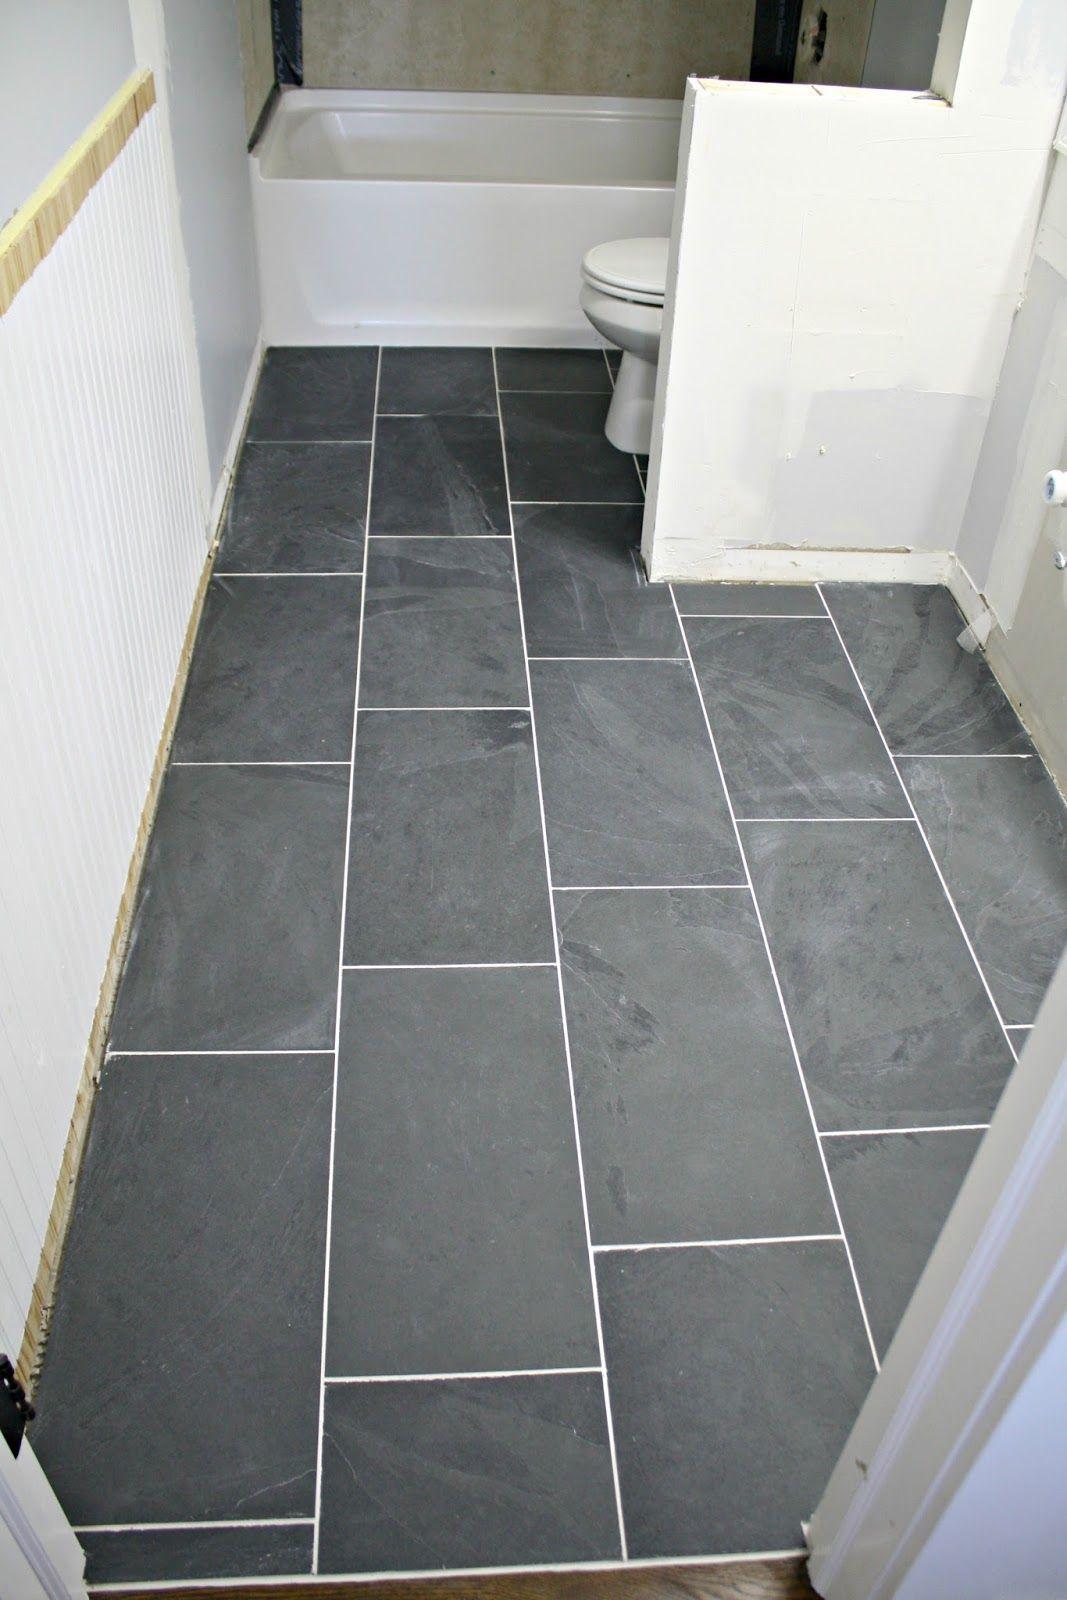 how to tile bathroom floor home diy slate | best bathroom remodel